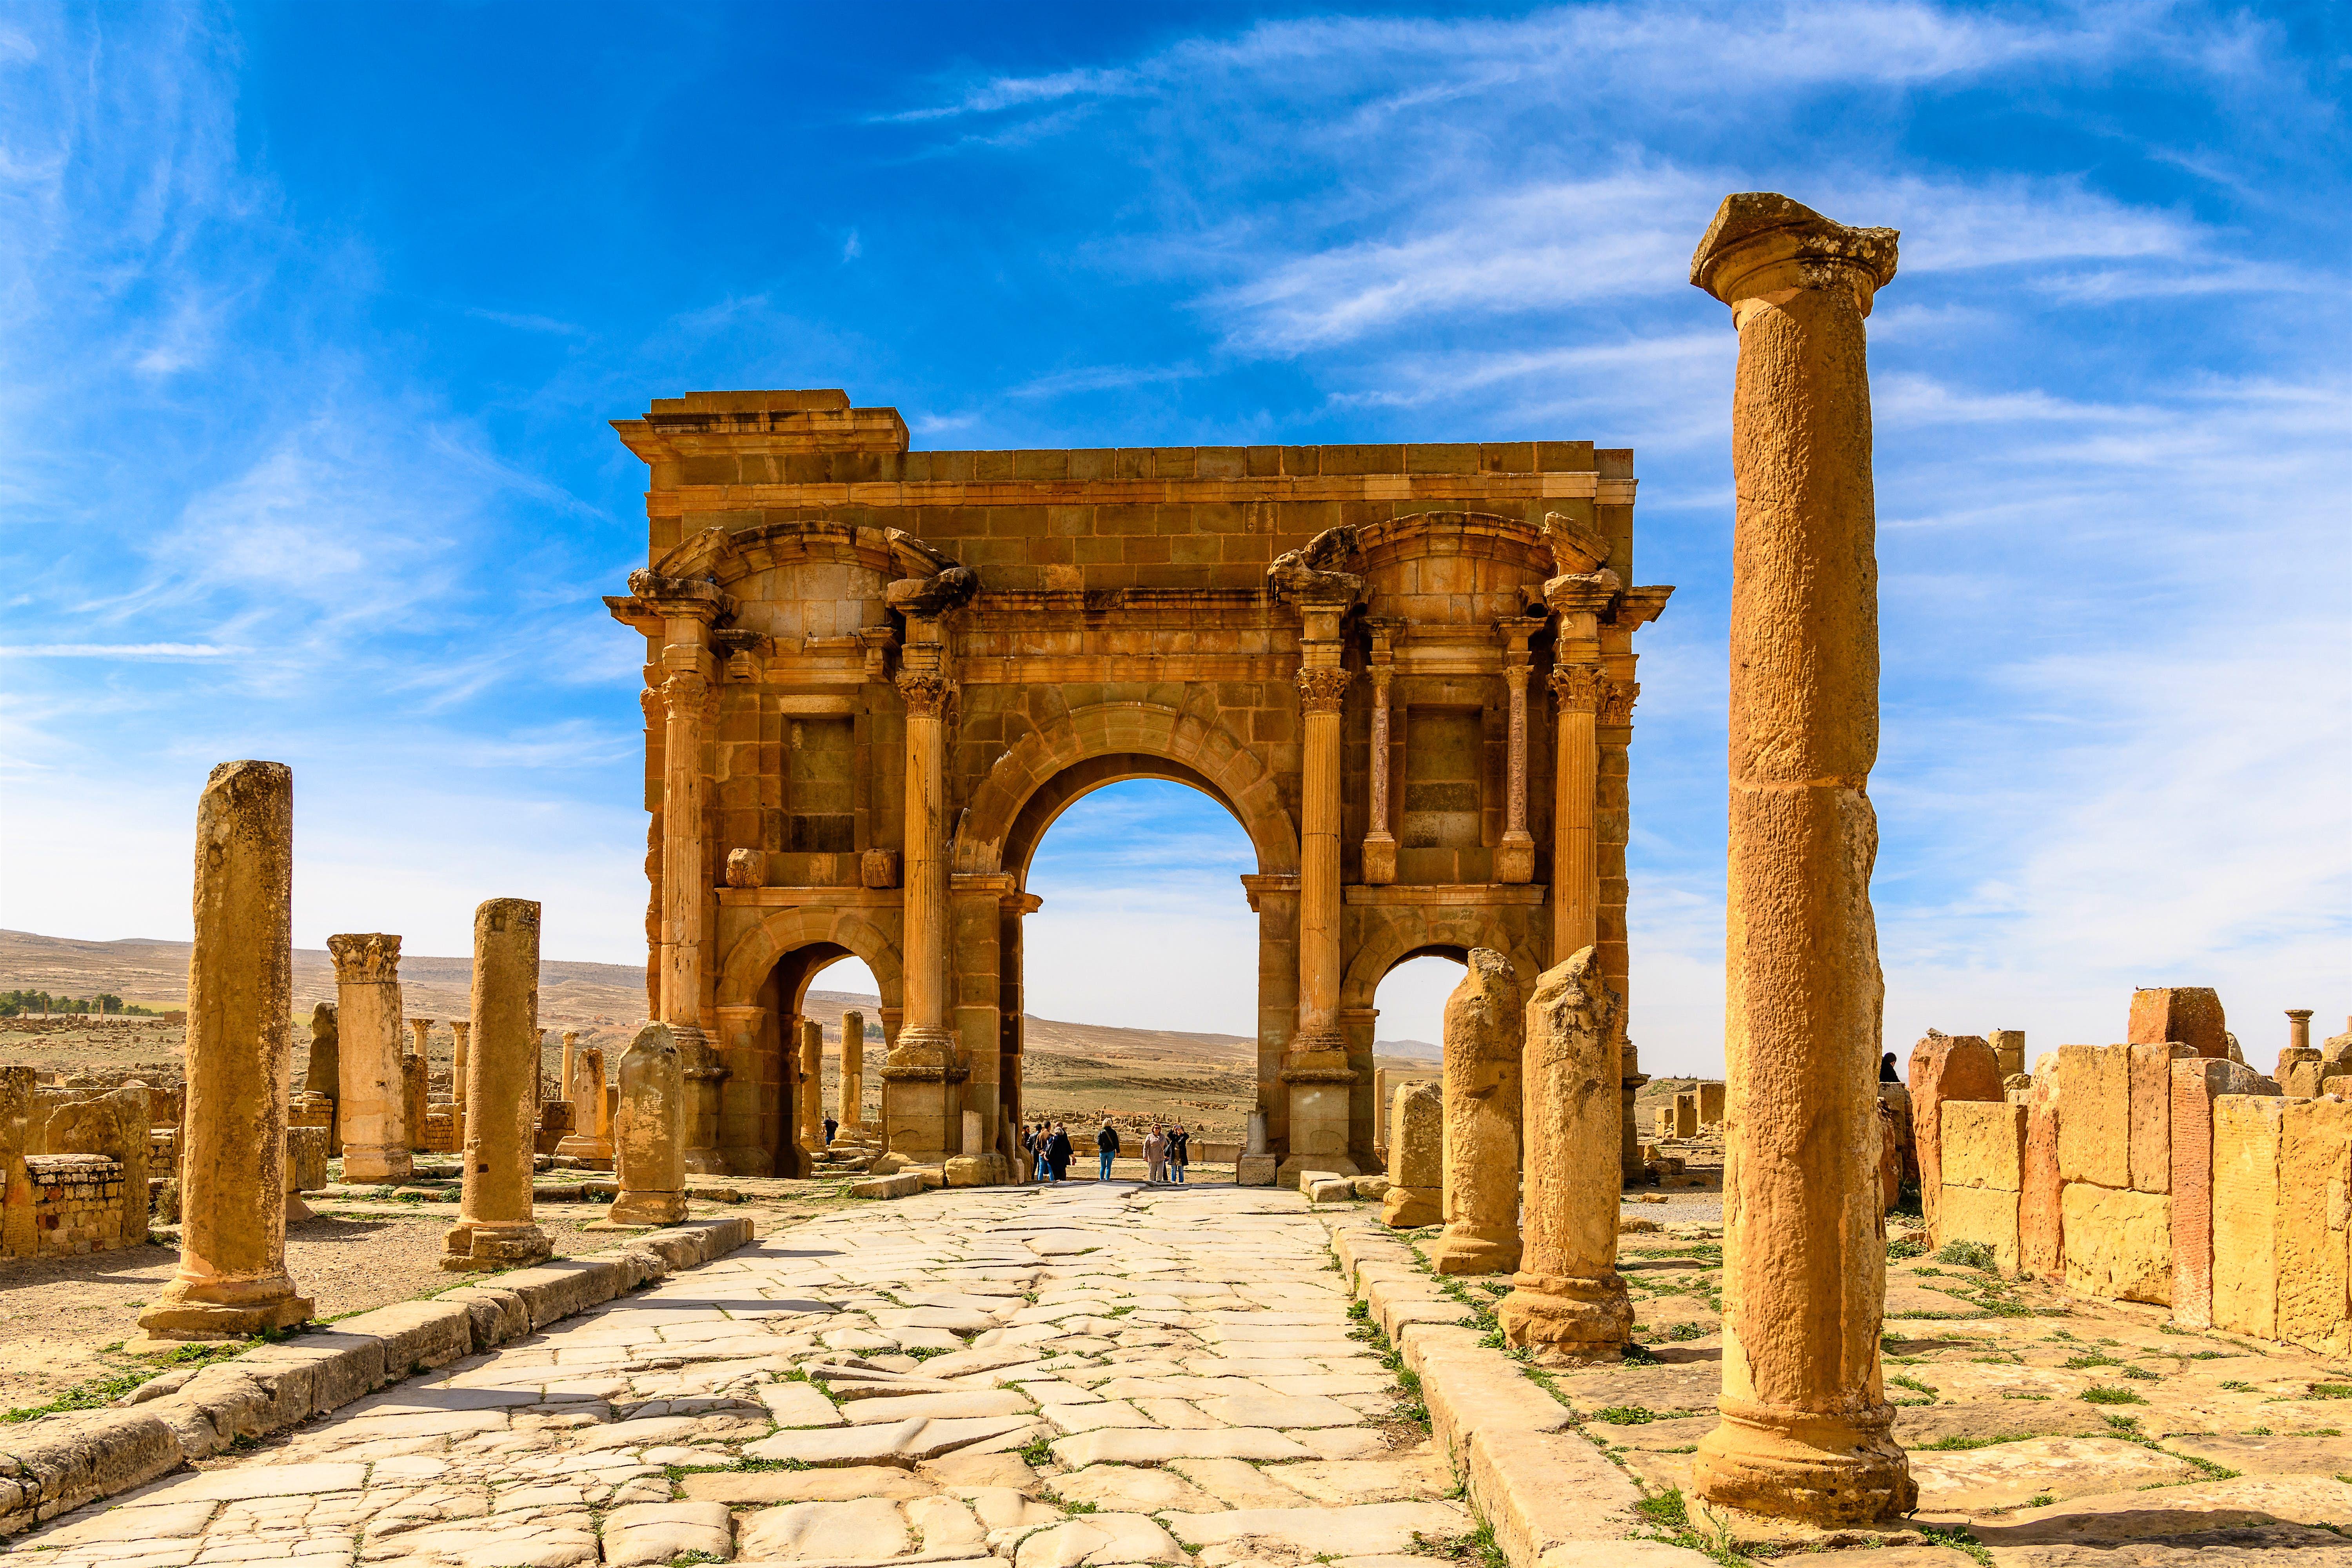 Argélia deve abrir suas portas a turistas com novo sistema de vistos